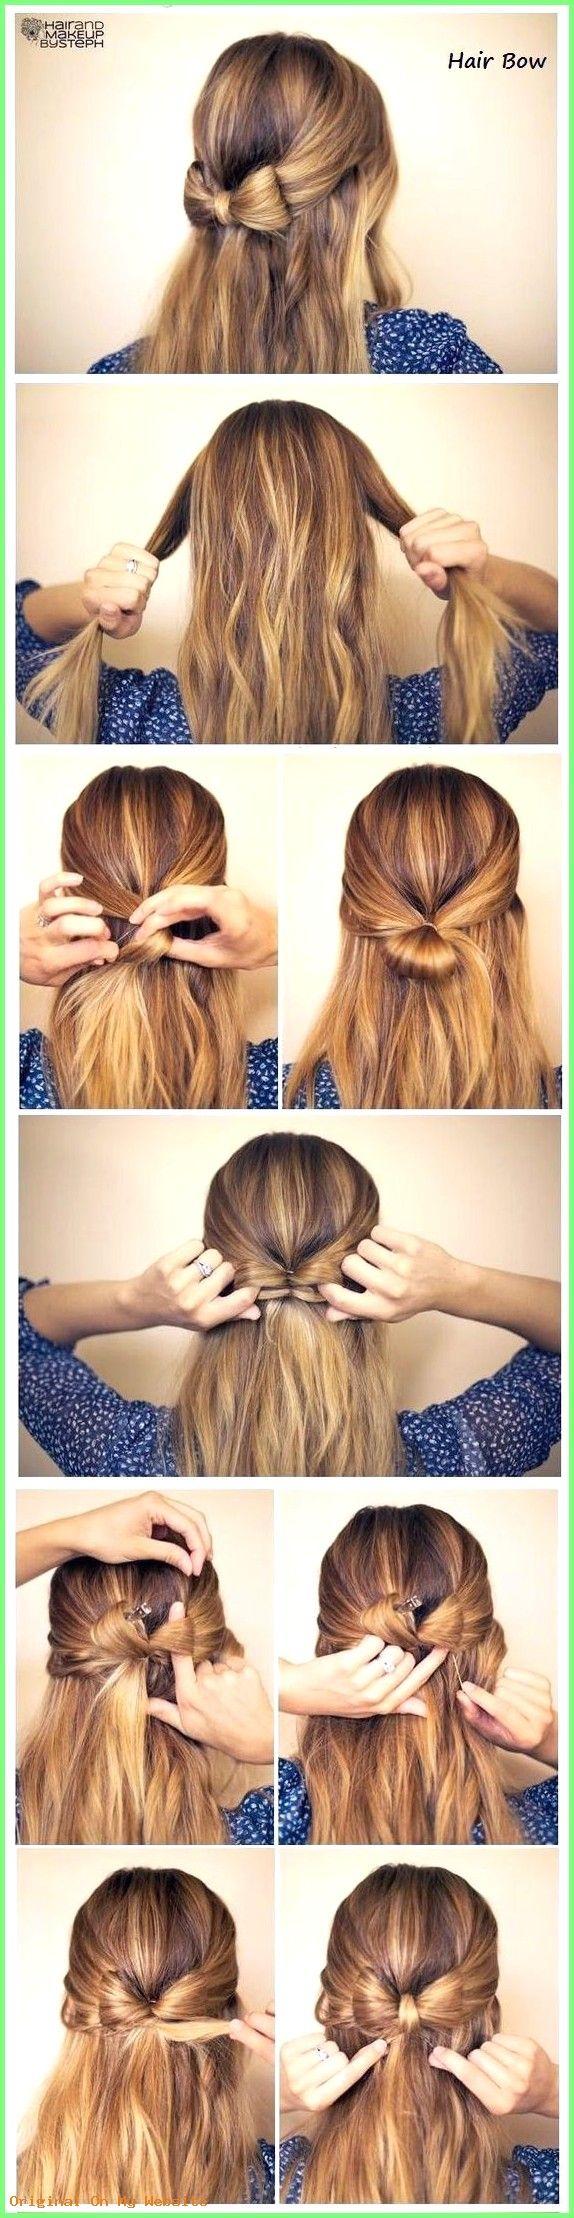 Frauen Frisuren Kurz - 11 einfache Ball-Frisuren für mittlere bis